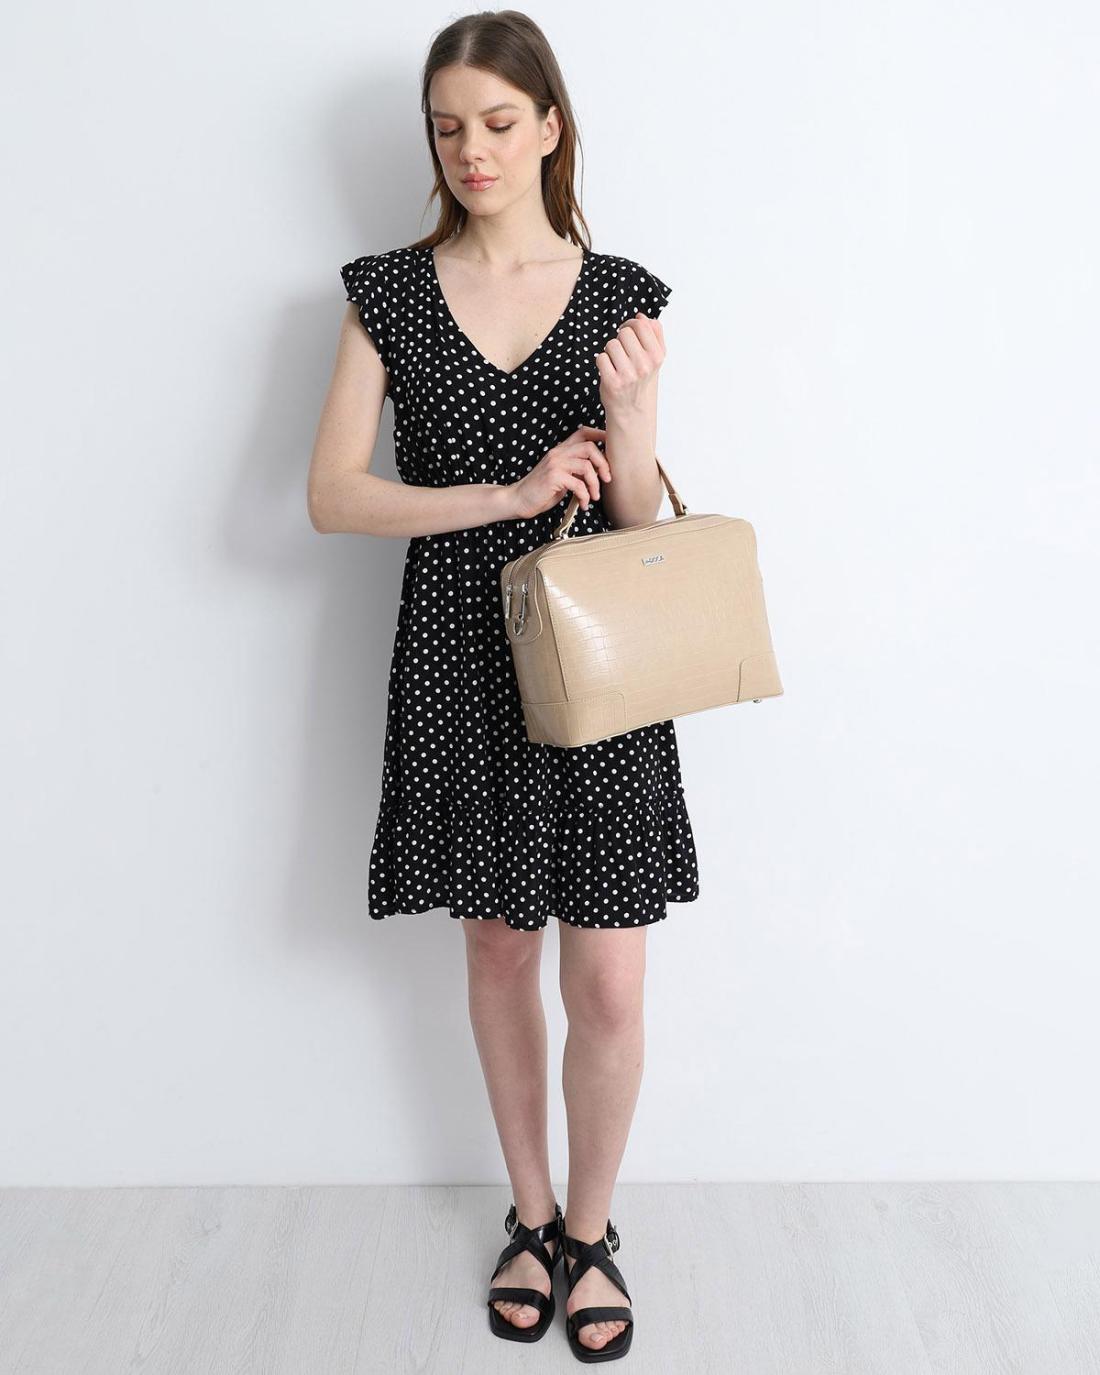 Μίνι φόρεμα μαύρο